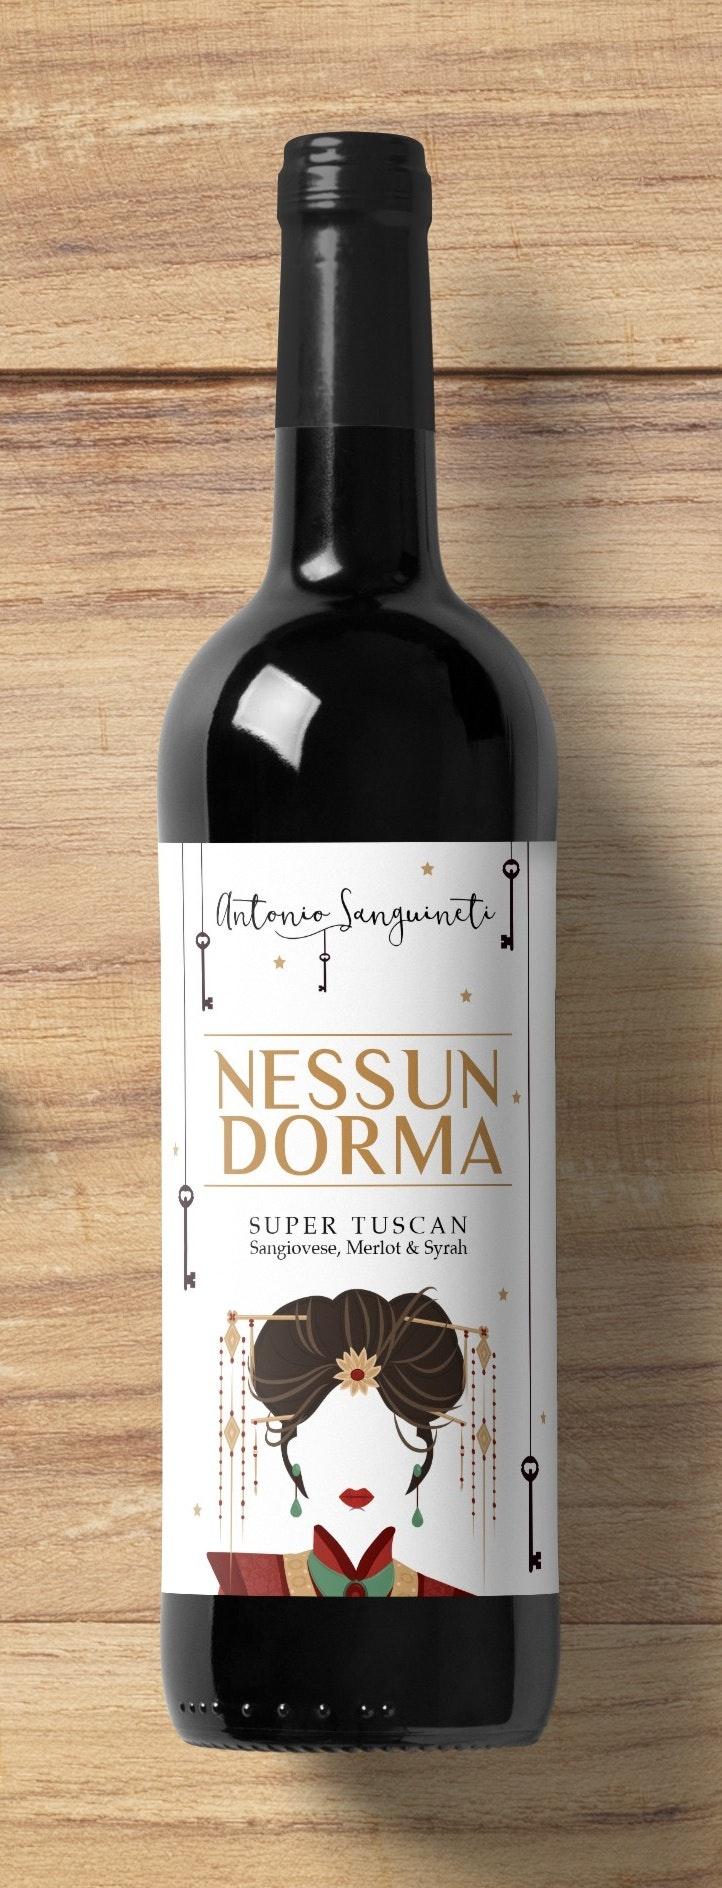 Nessun Dorma Wine Label